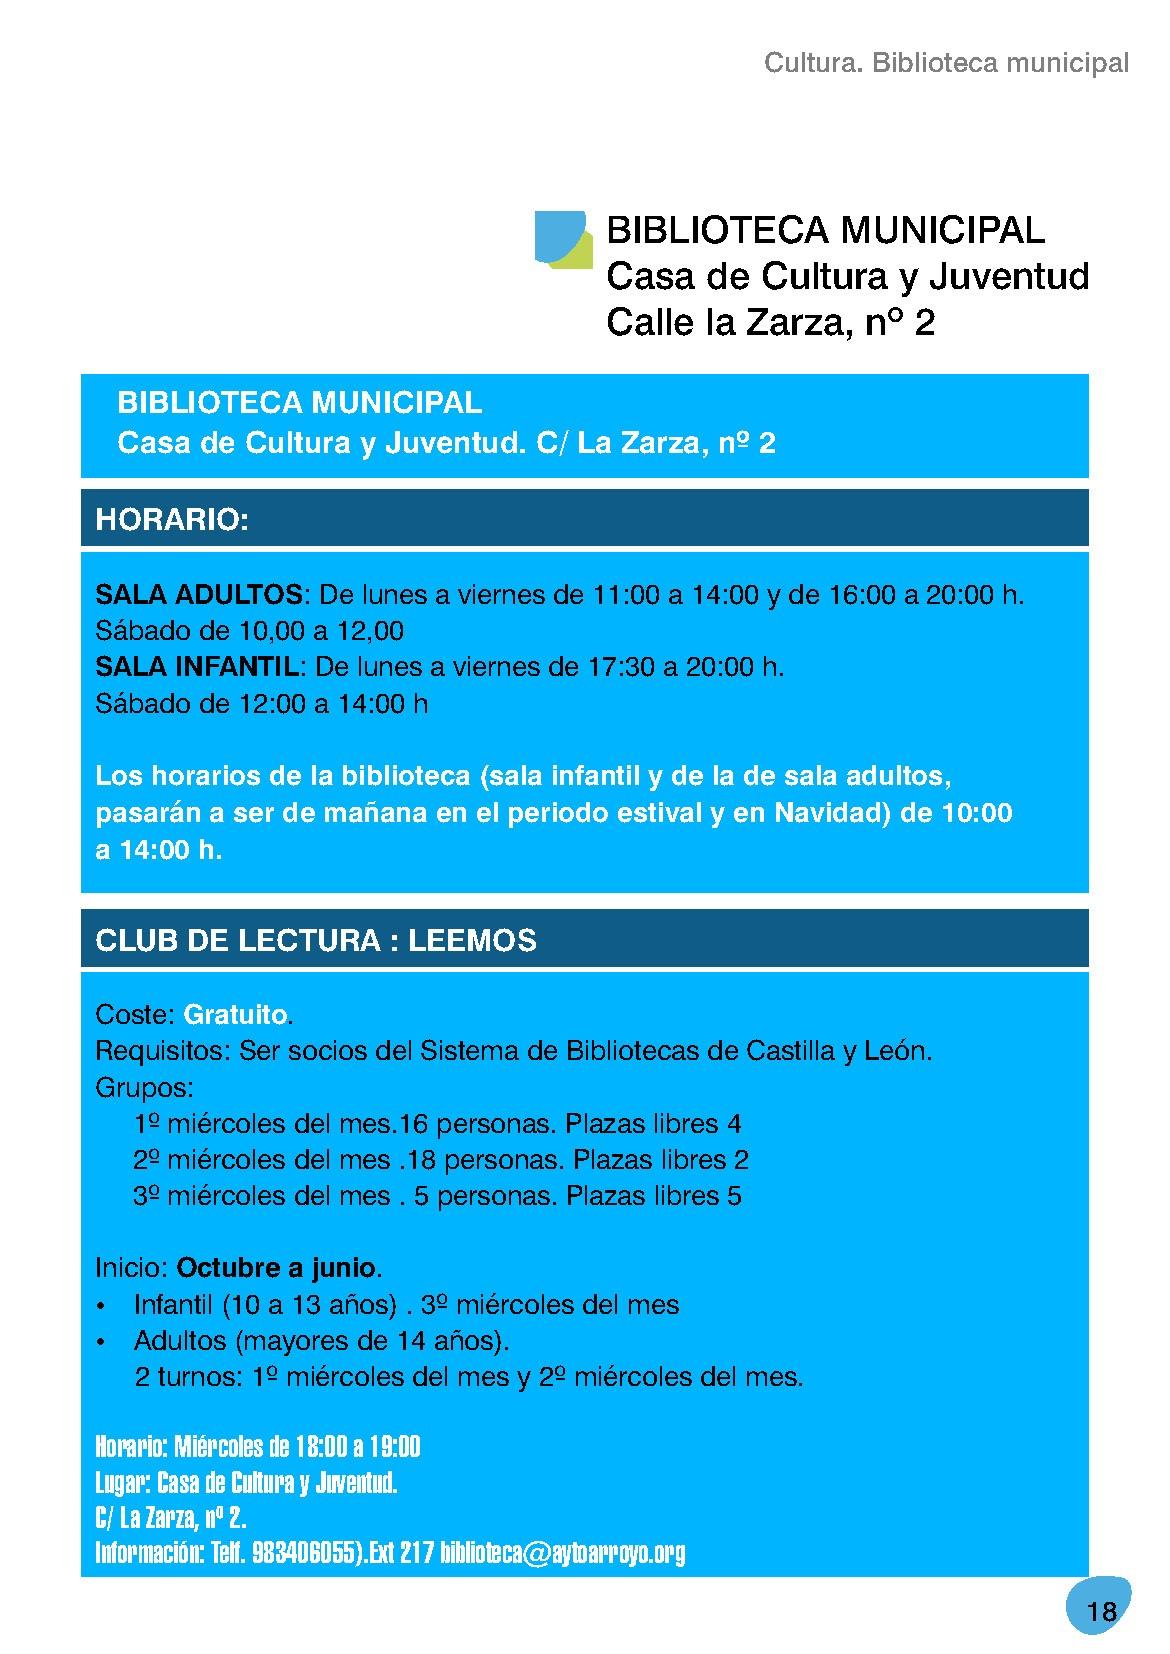 Calendario Lectivo 2019 asturias Más Populares Actividades Culturales Y Deportivas 2017 2018 Of Calendario Lectivo 2019 asturias Recientes Calendario Laboral 2019 Gva Seonegativo